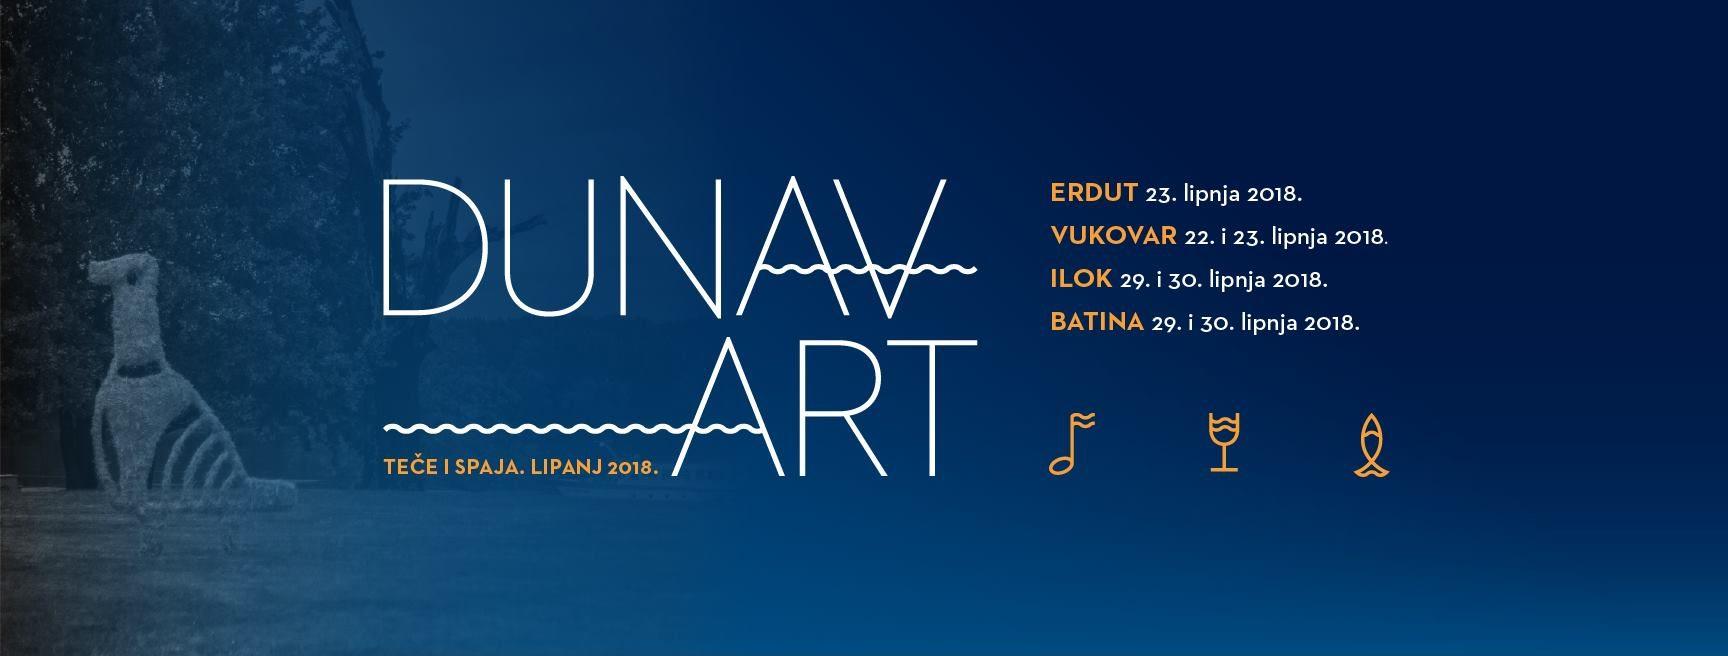 VIDEO: Otvorenje DunavArt Festivala u Gradu Iloku donosi i besplatan koncert 'The Frajli'